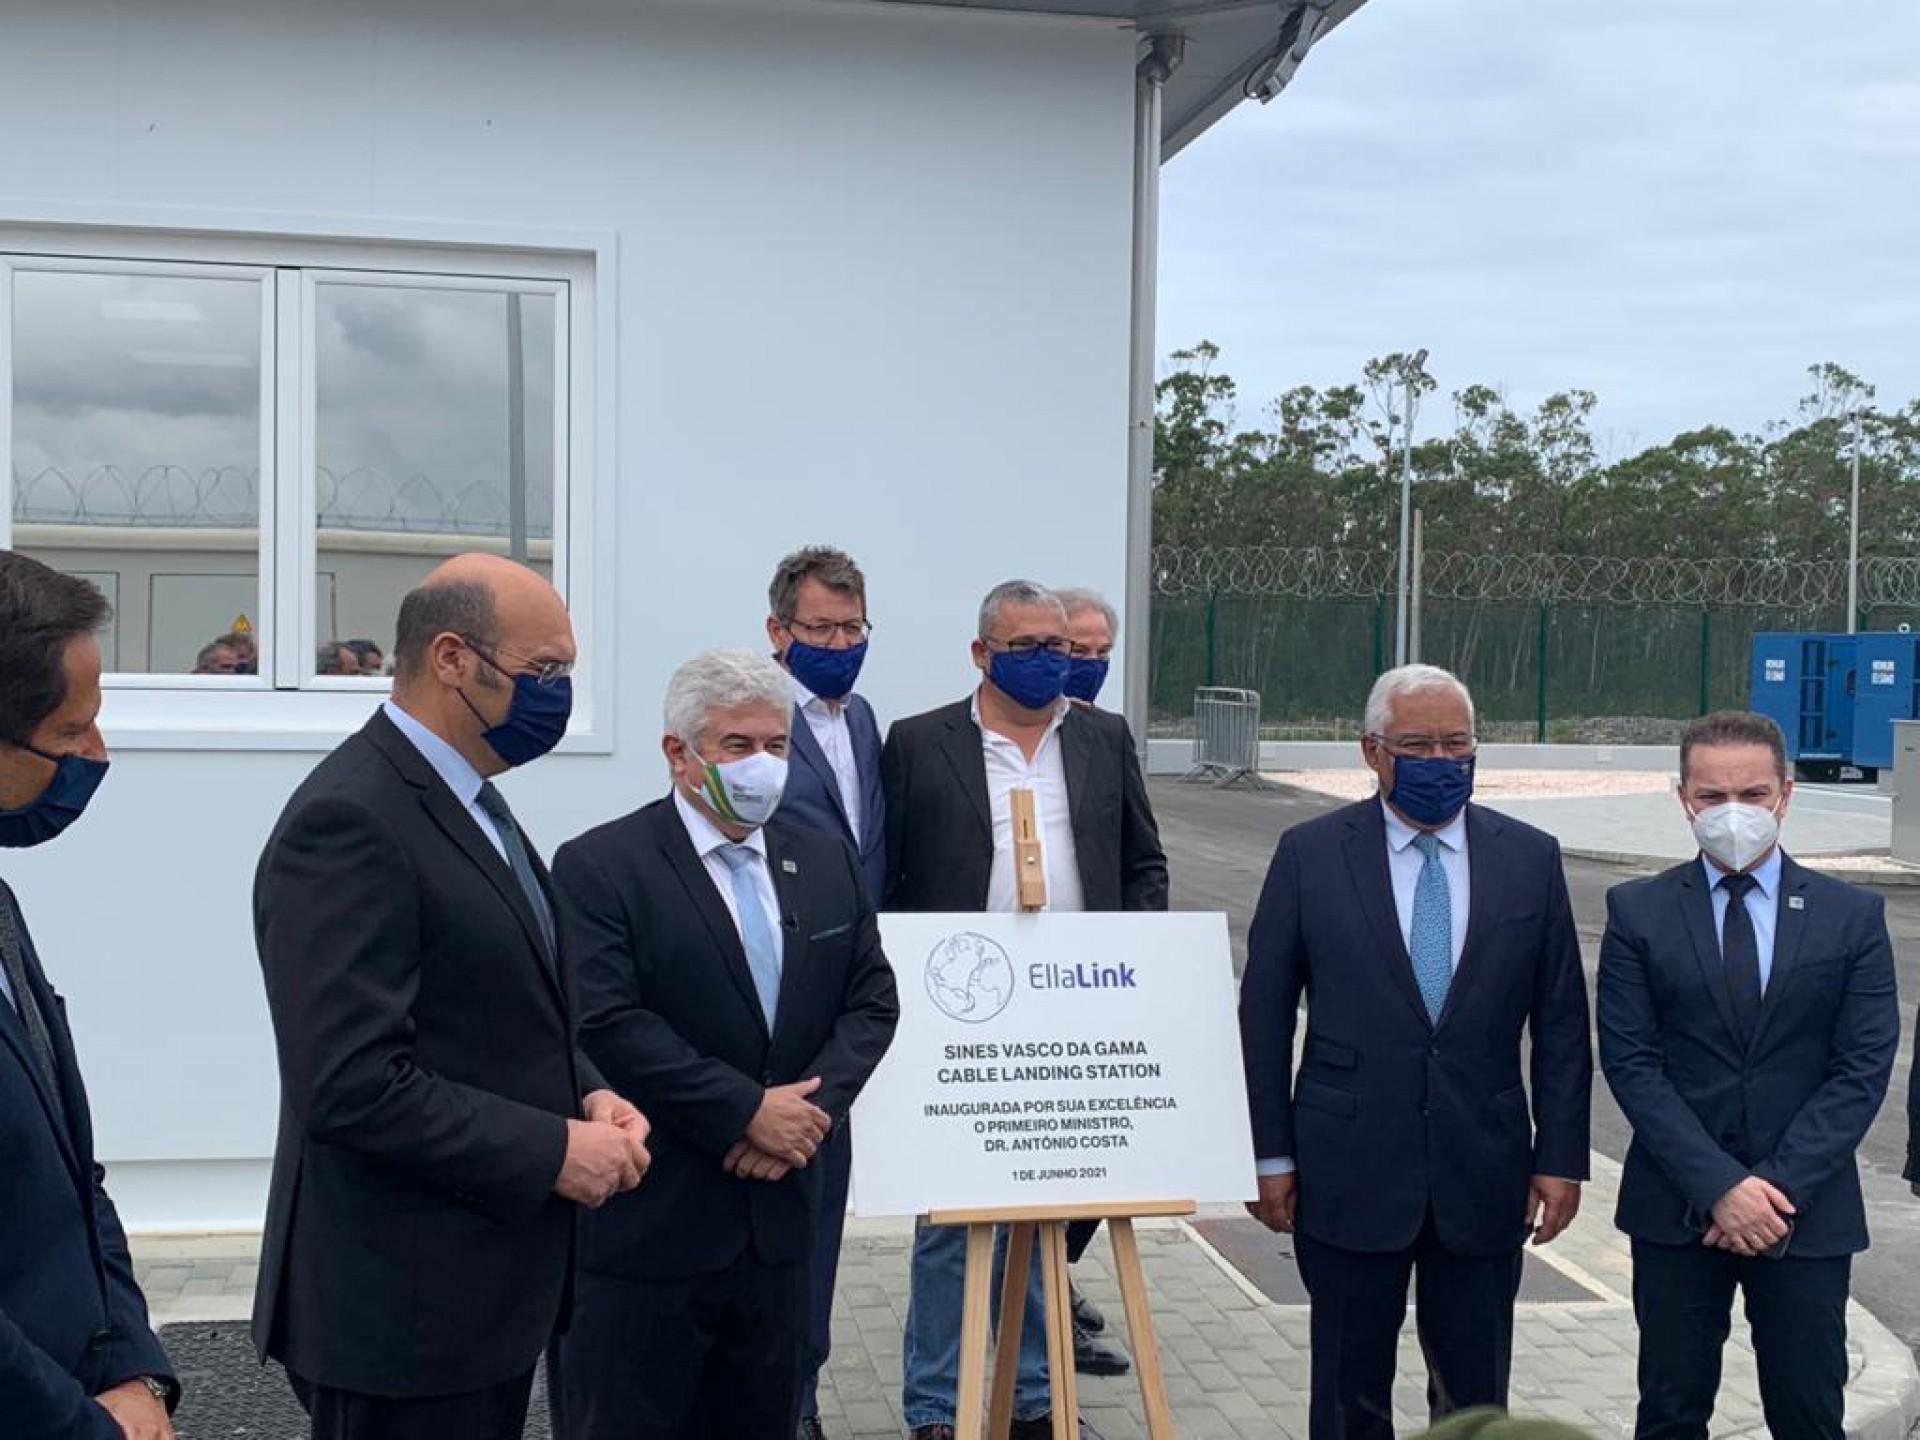 cerimônia de inauguração do novo cabo submarino da EllaLink que vai conectar Fortaleza à Sines